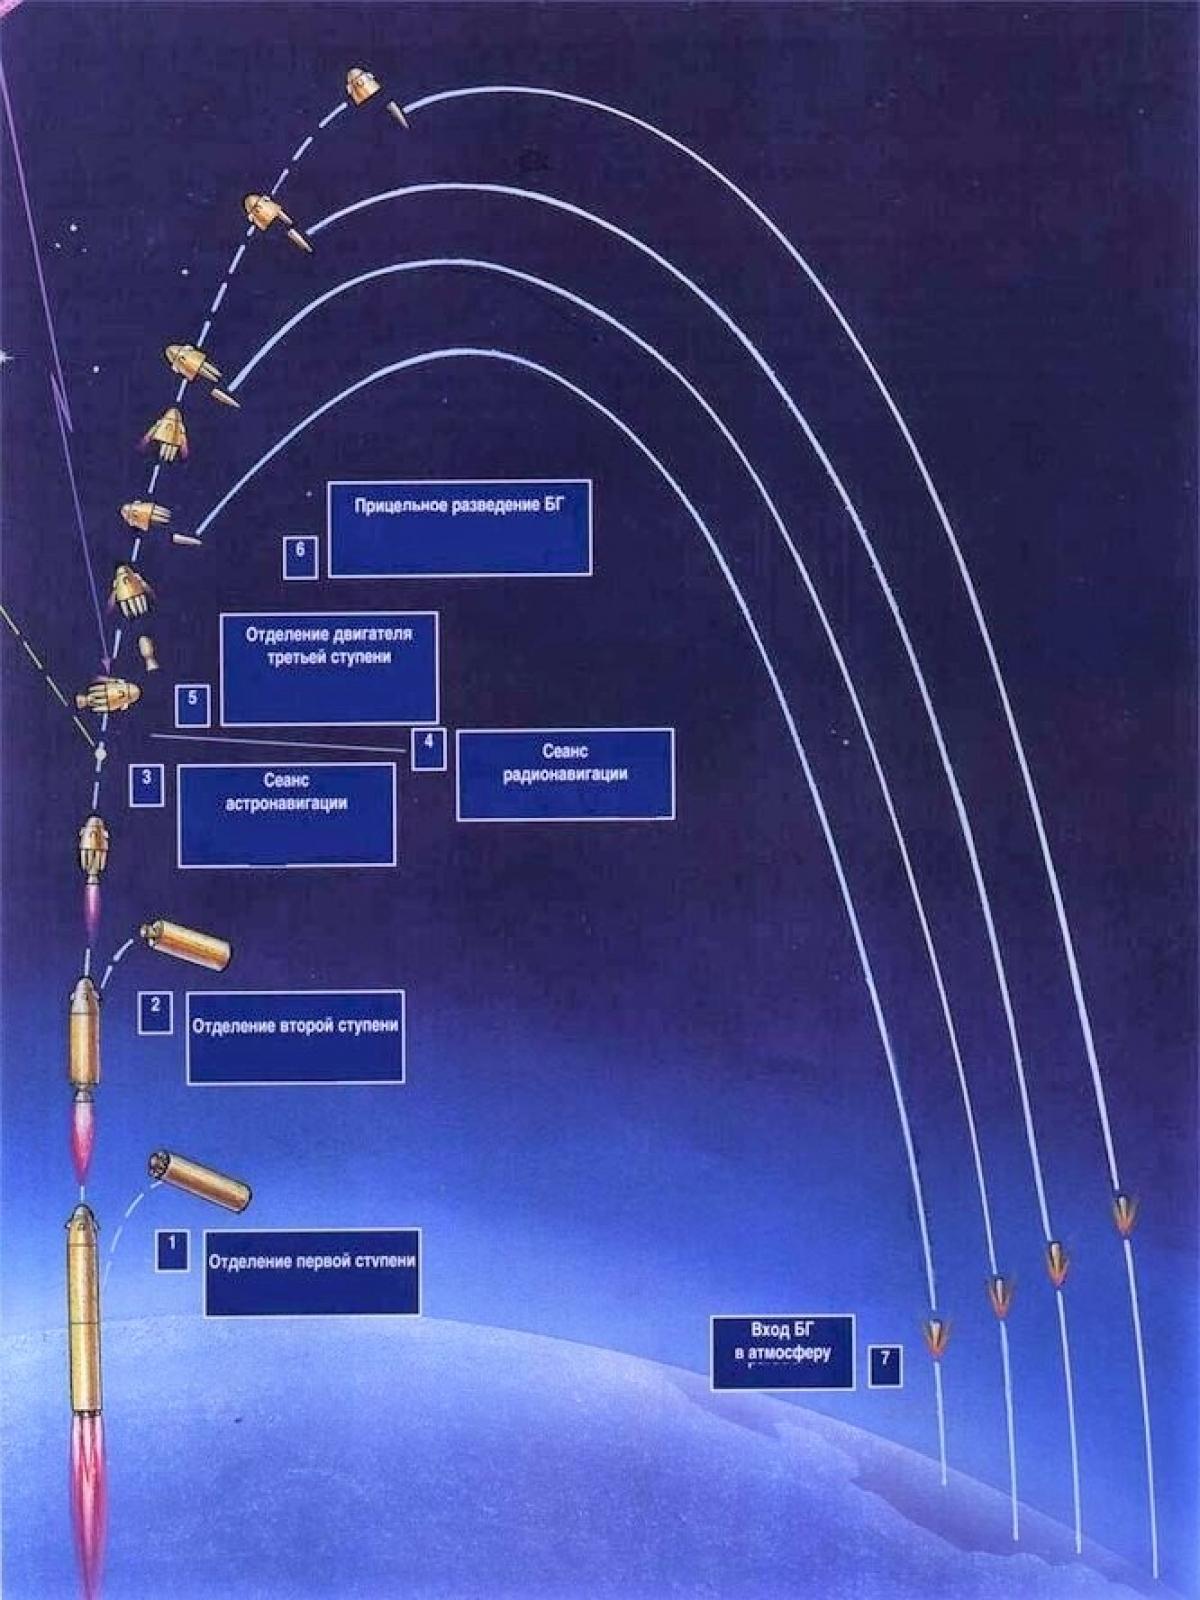 Các ICBM có tầm bắn xa và tốc độ cao; Nguồn: popmech.ru